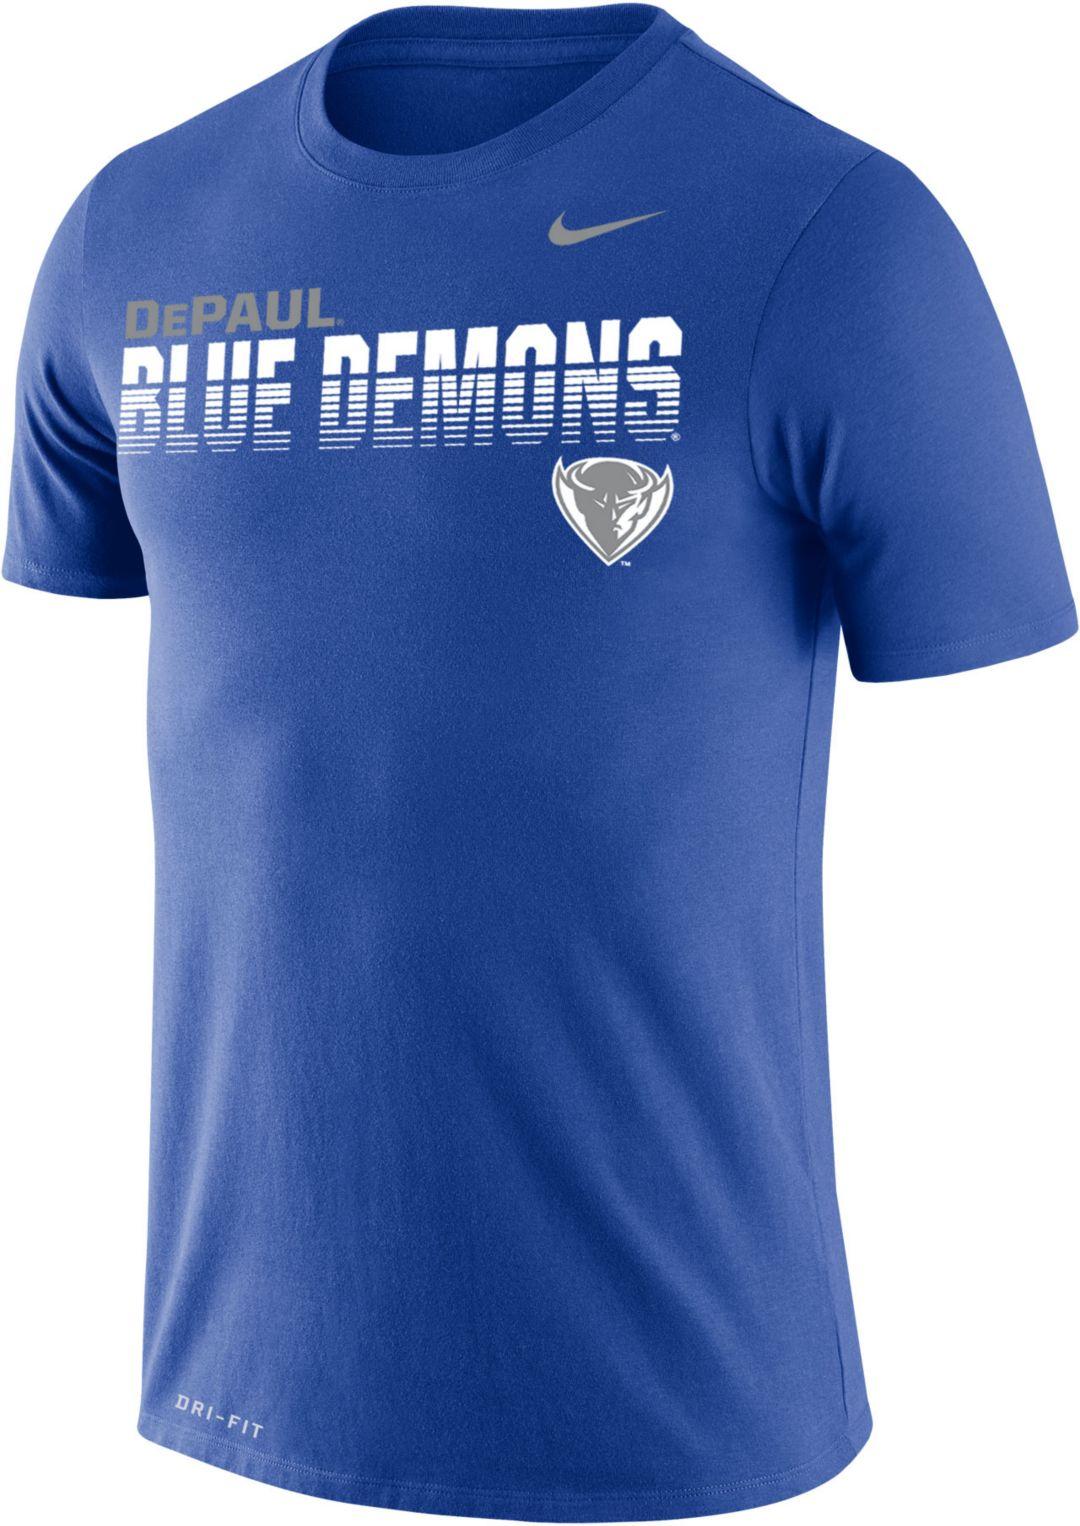 detailing 37750 aeaf2 Nike Men's DePaul Blue Demons Royal Blue Legend Football Sideline T-Shirt